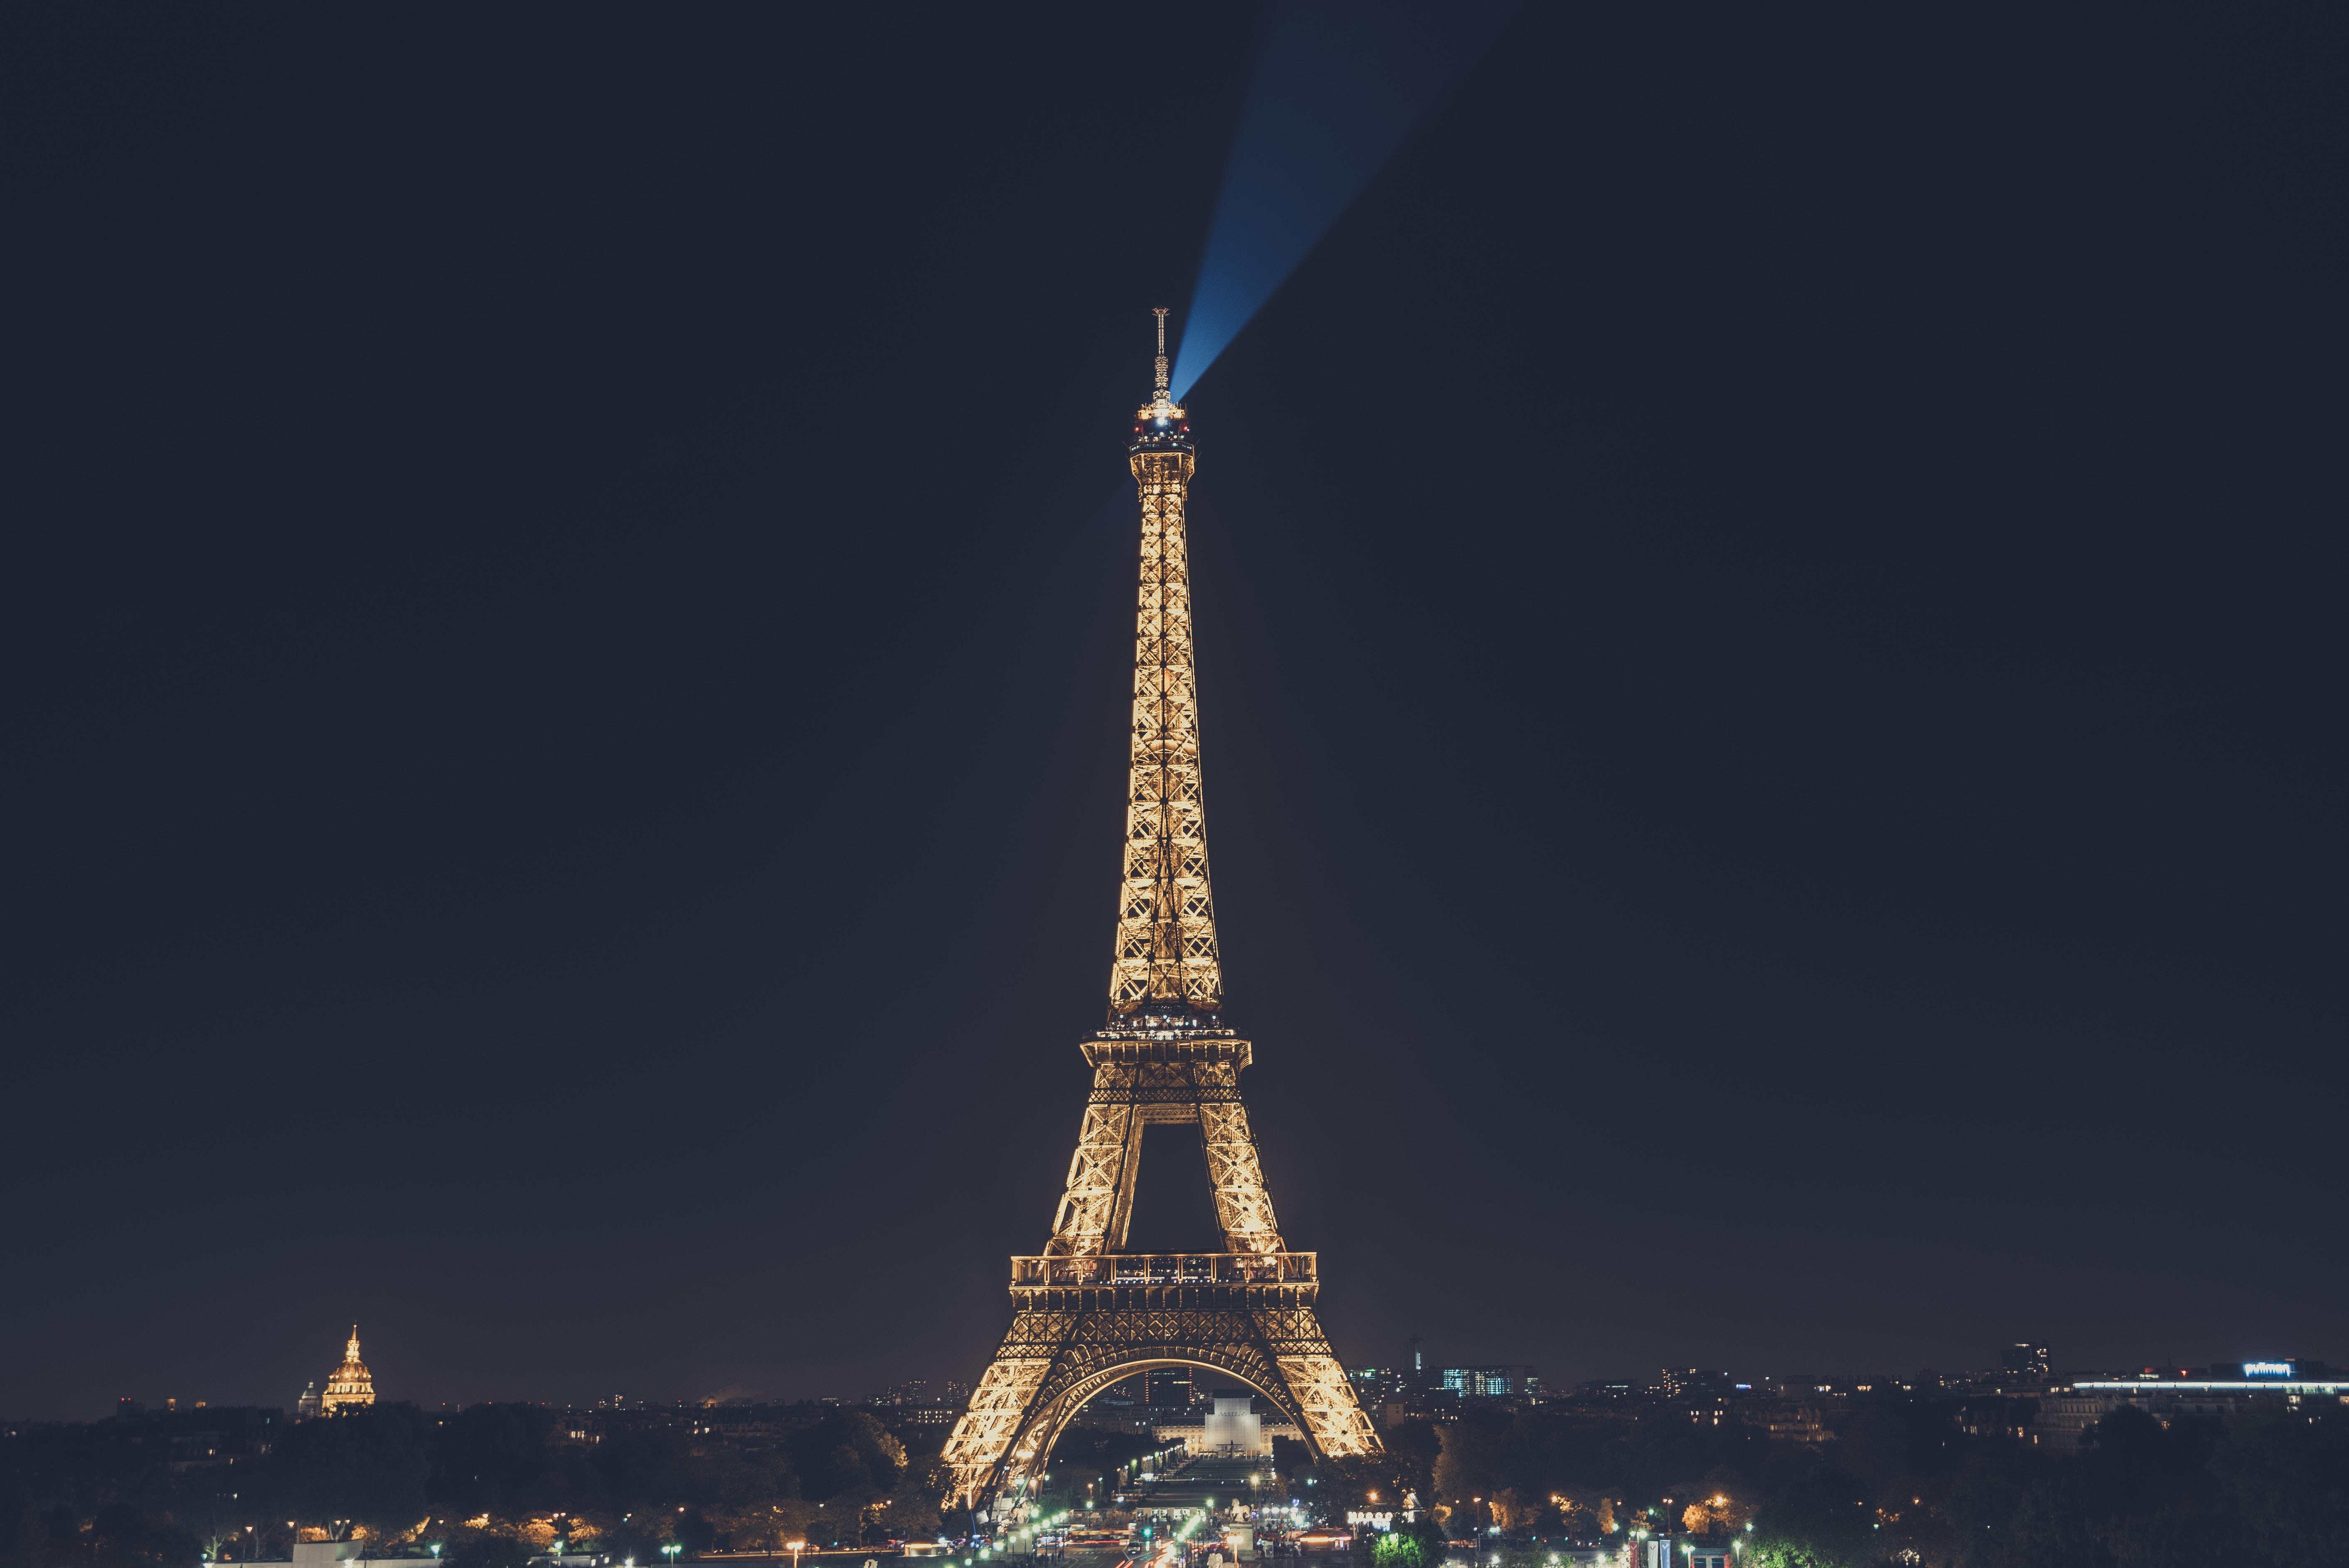 EUROPE: Les Affaires Internes d'Emmanuel Macron